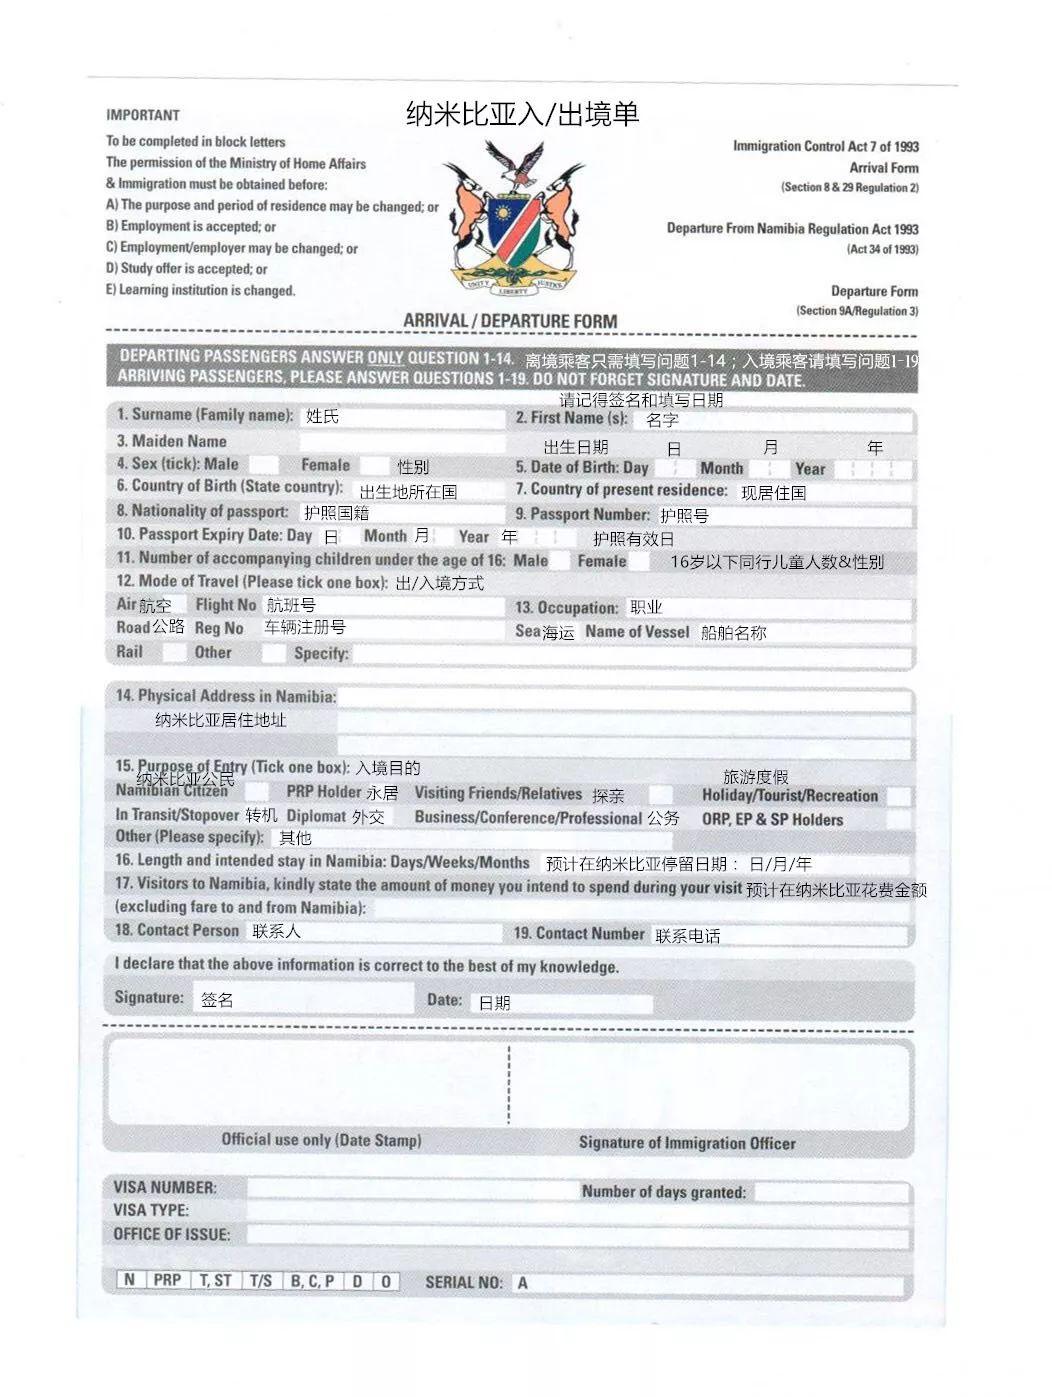 纳米比亚出入境表格